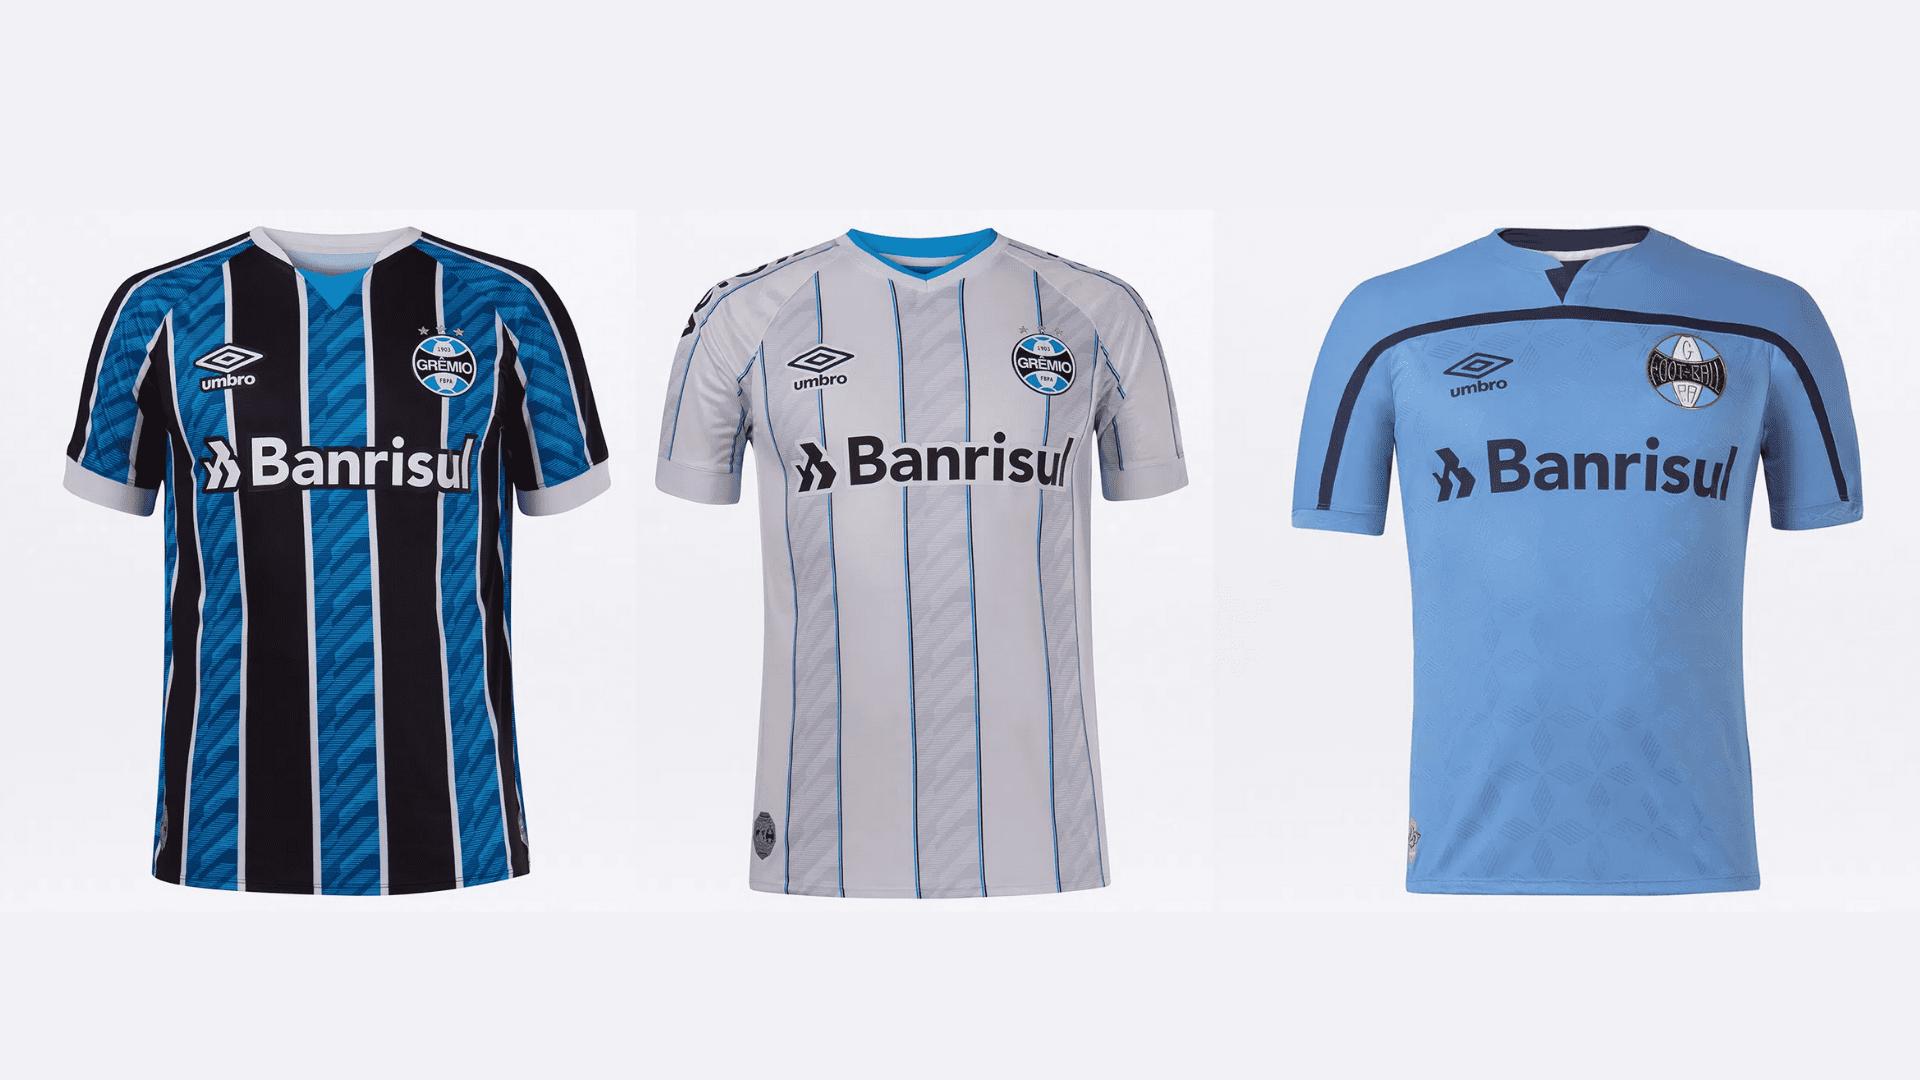 Camisa do Grêmio 2020 Umbro Jogo 1, 2 e 3 (Imagem: Divulgação/Umbro)